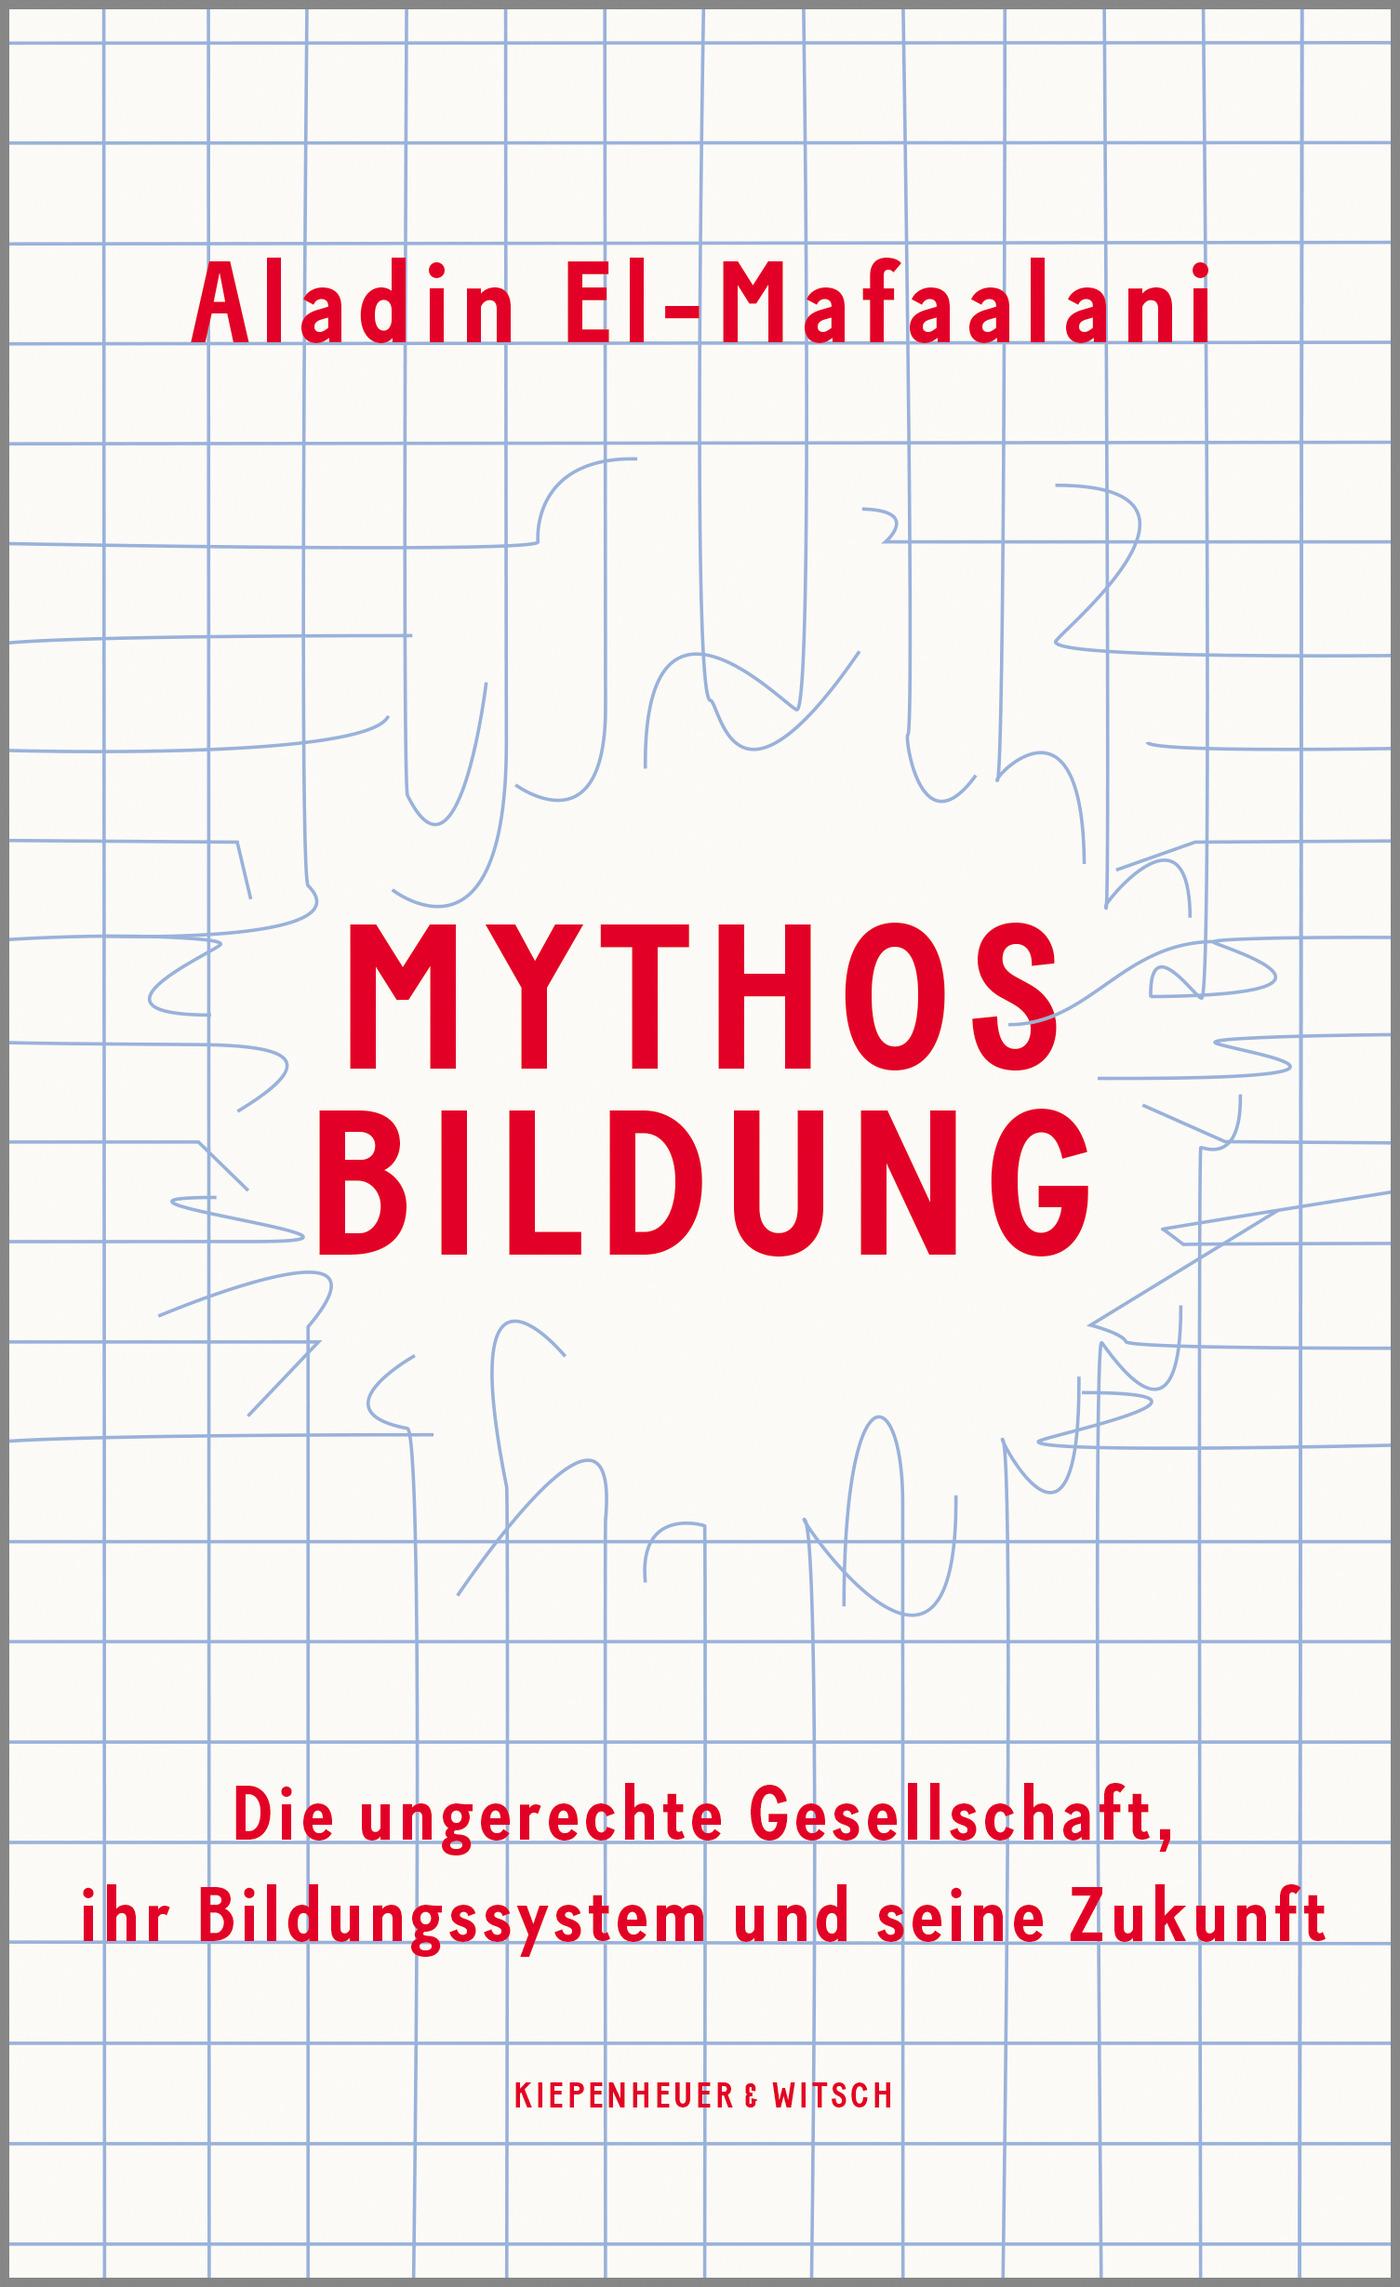 Mythos Bildung. Die ungerechte Gesellschaft, ihr Bildungssystem und seine Zukunft